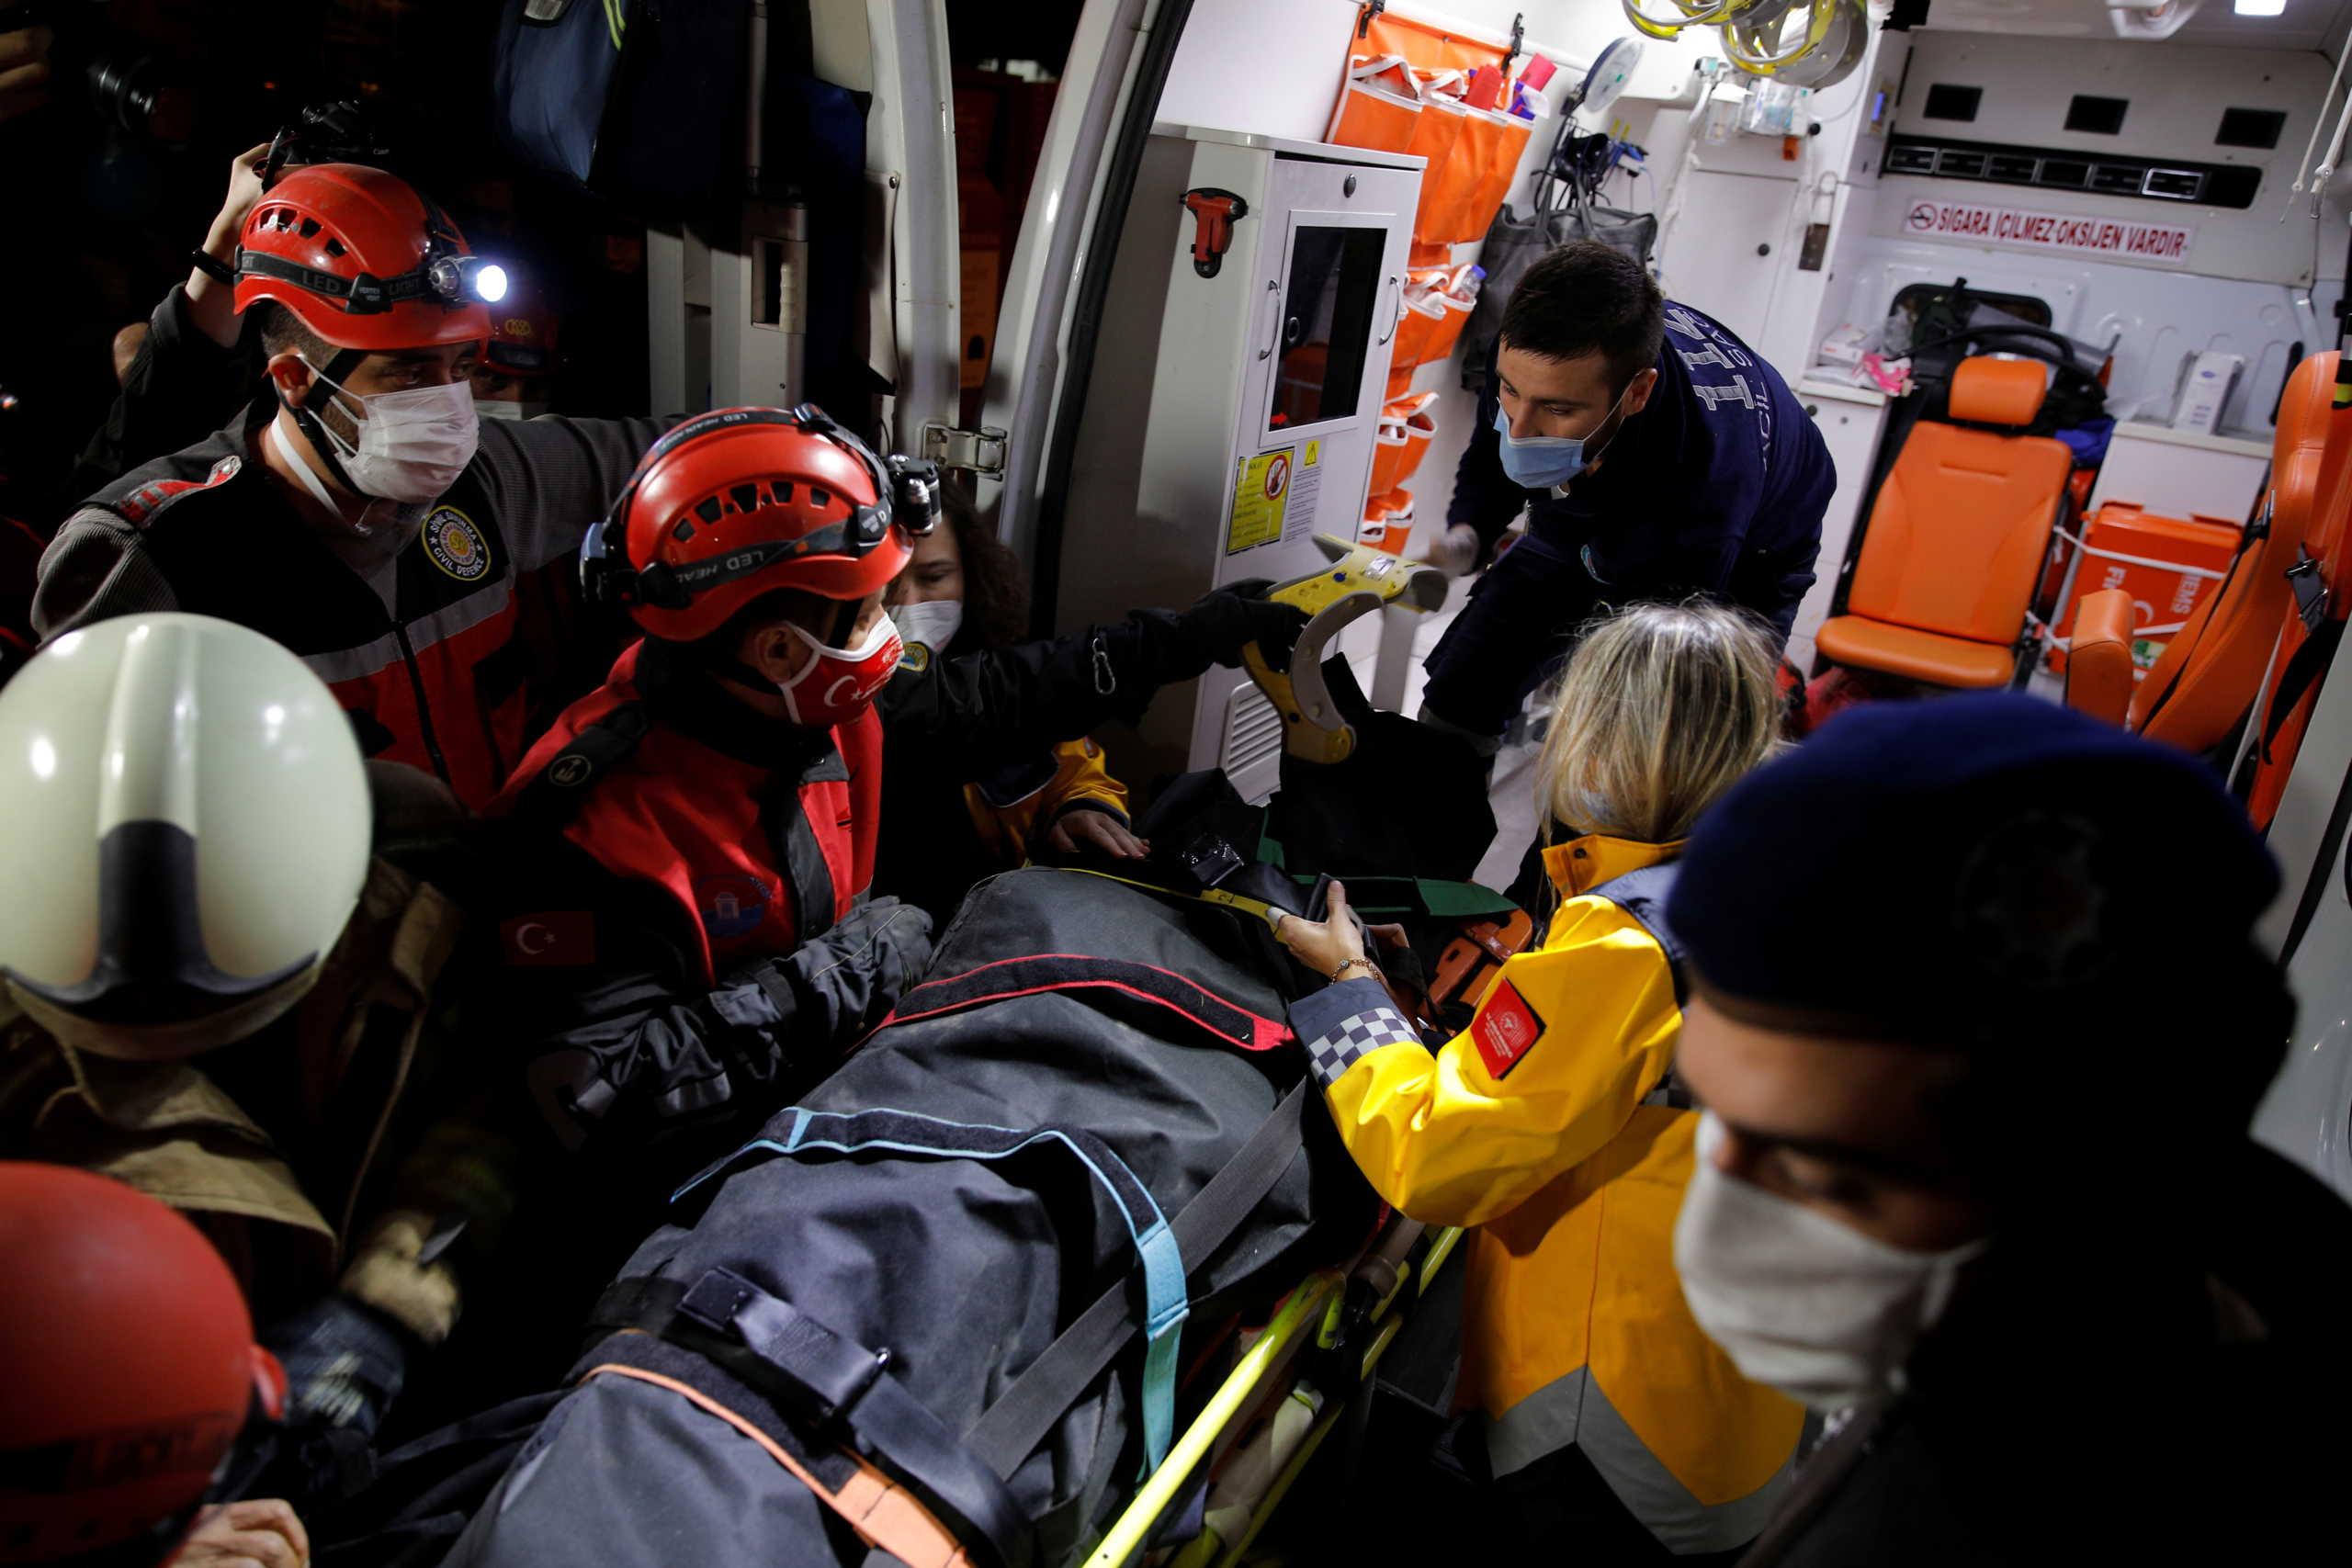 Σεισμός: 24 οι νεκροί στην Σμύρνη! Αγωνιώδεις προσπάθειες να βρεθούν επιζώντες (pics, video)